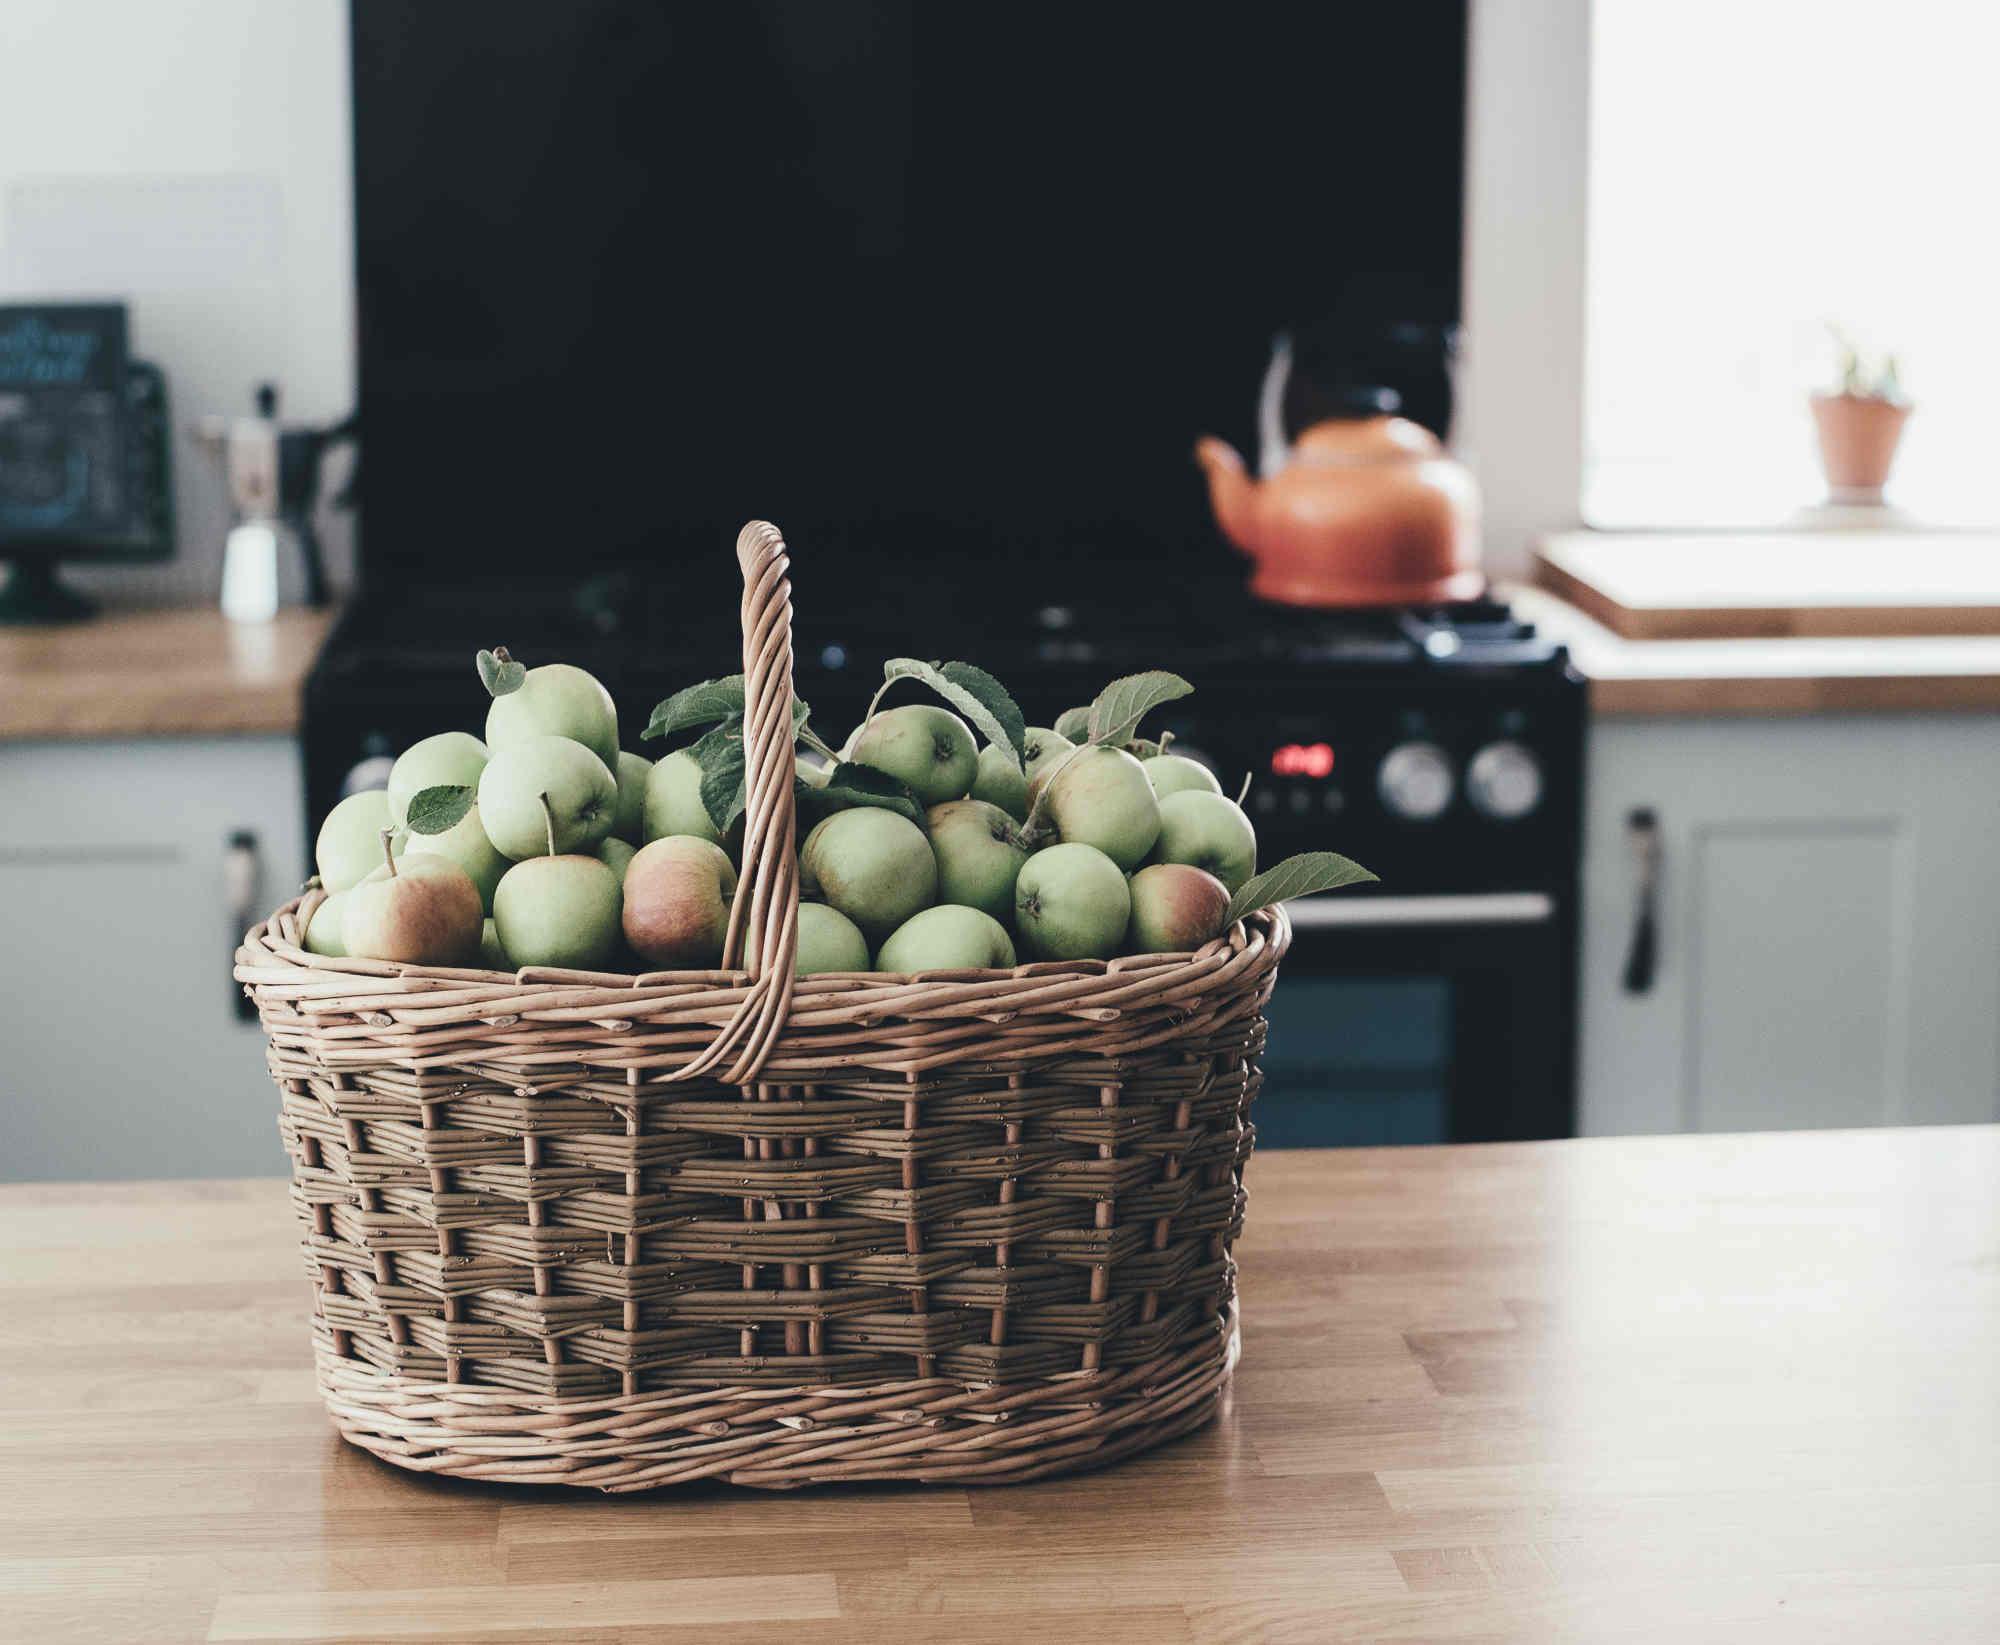 Les pommes bio contiennent un nombre plus important de bactéries saines